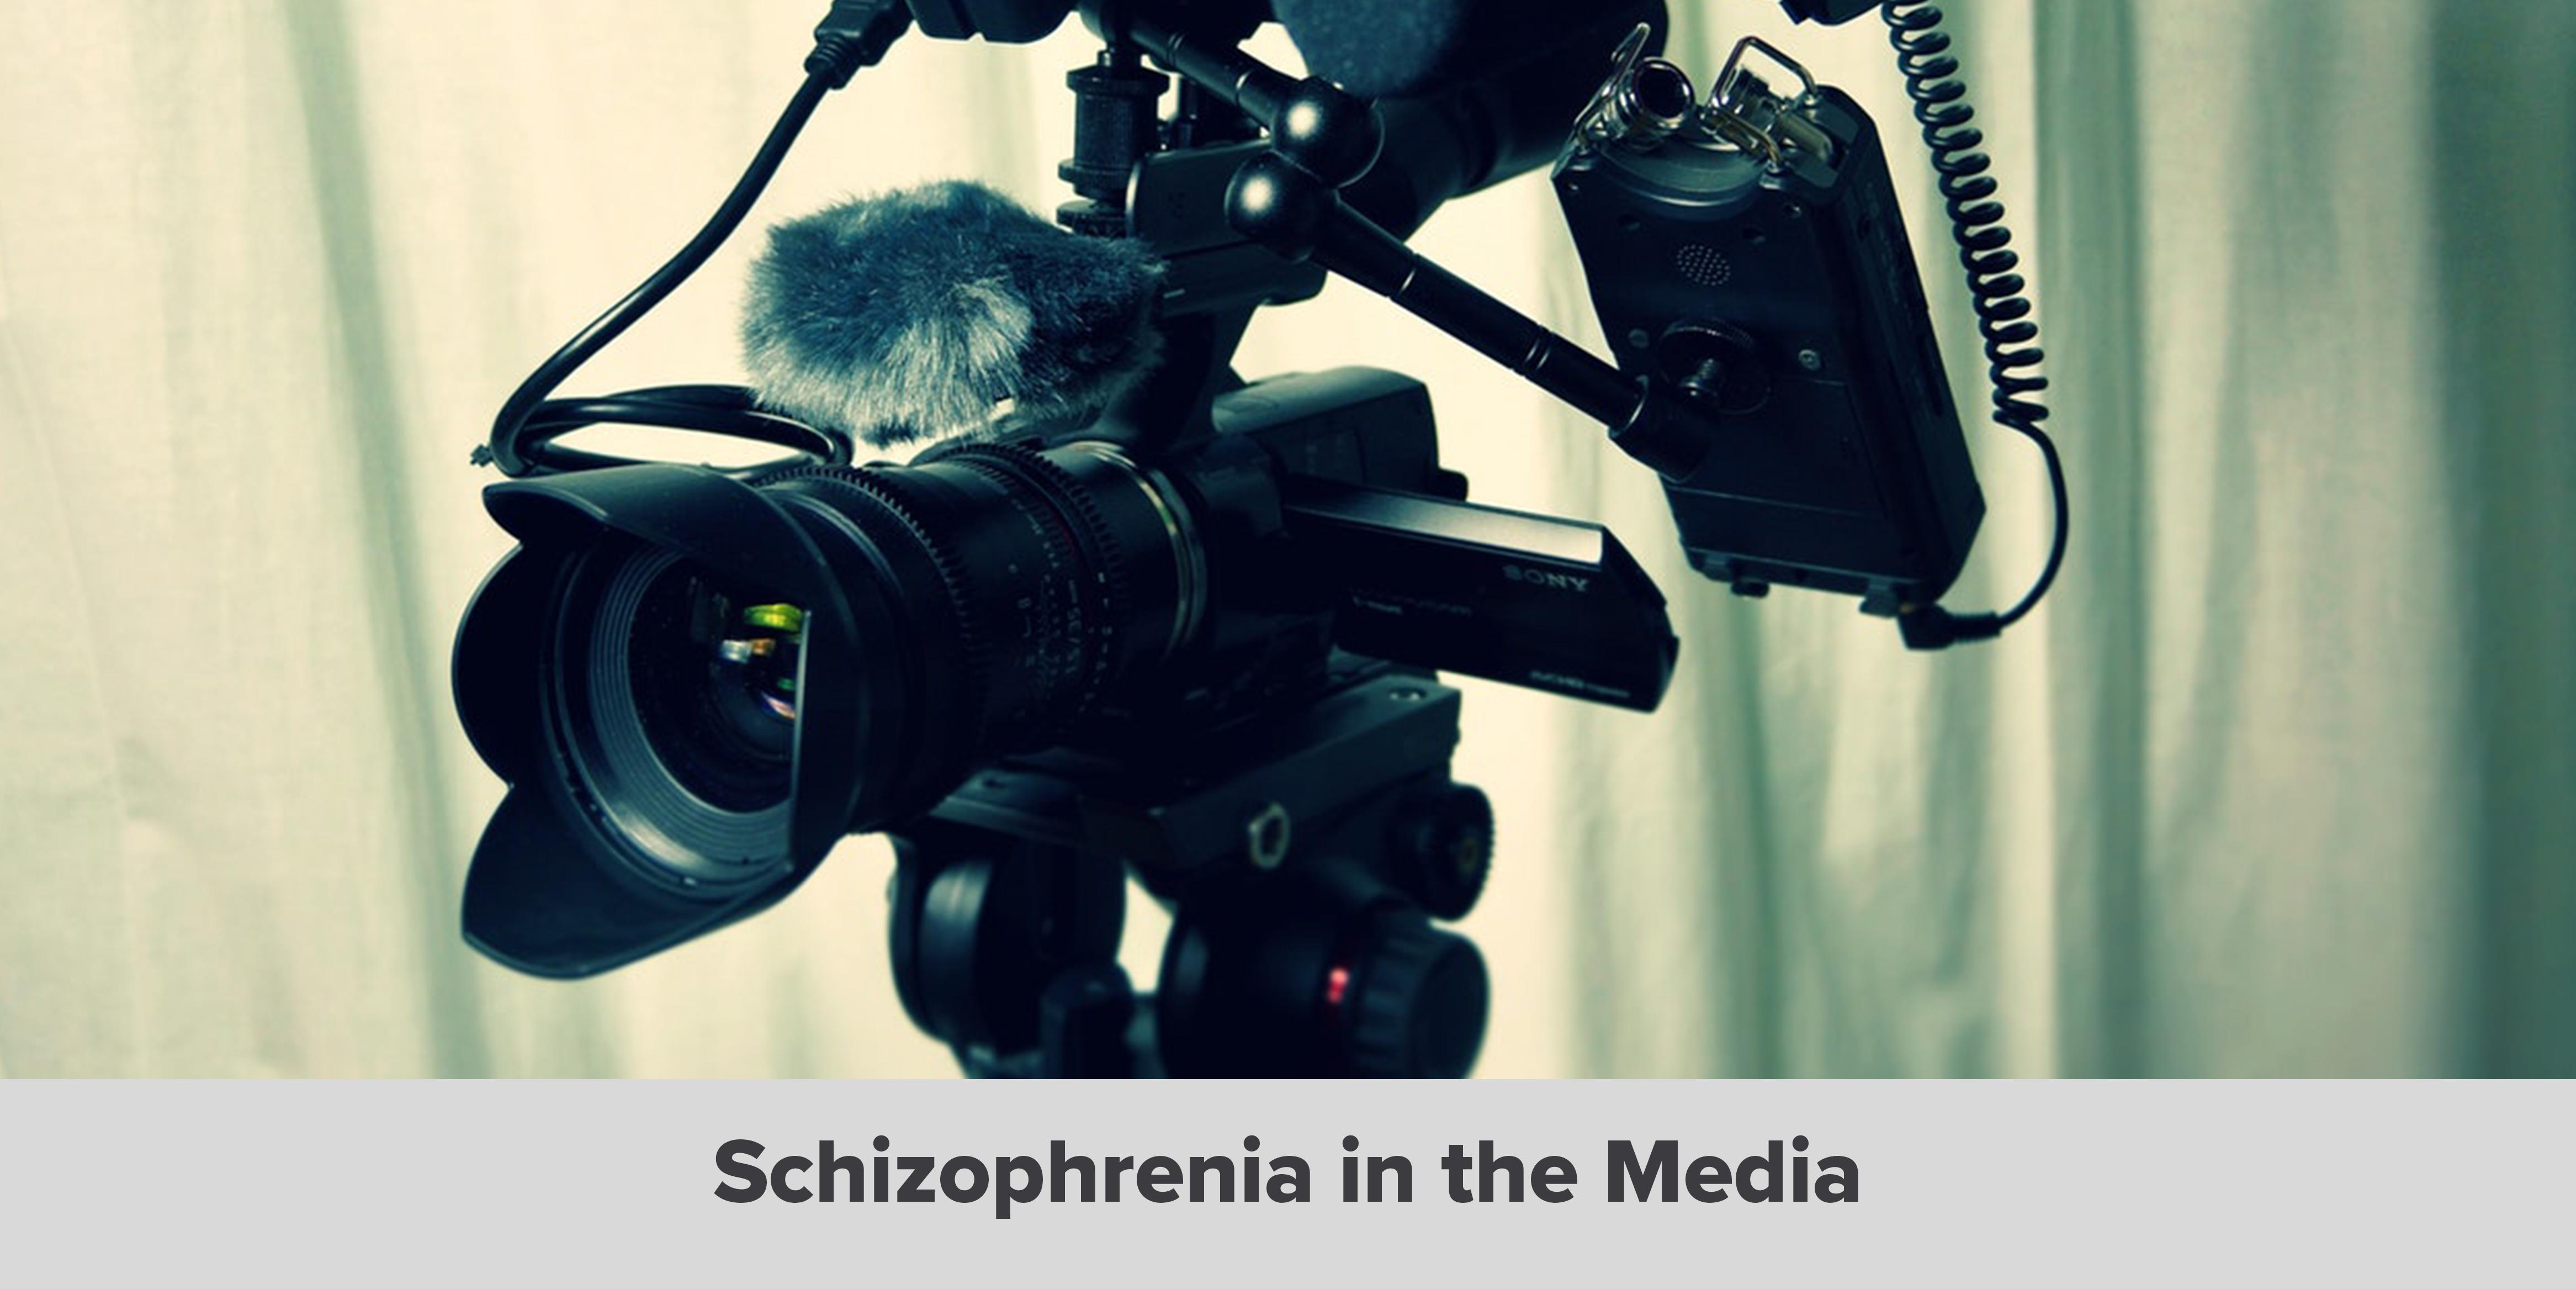 schizophrenia in the media